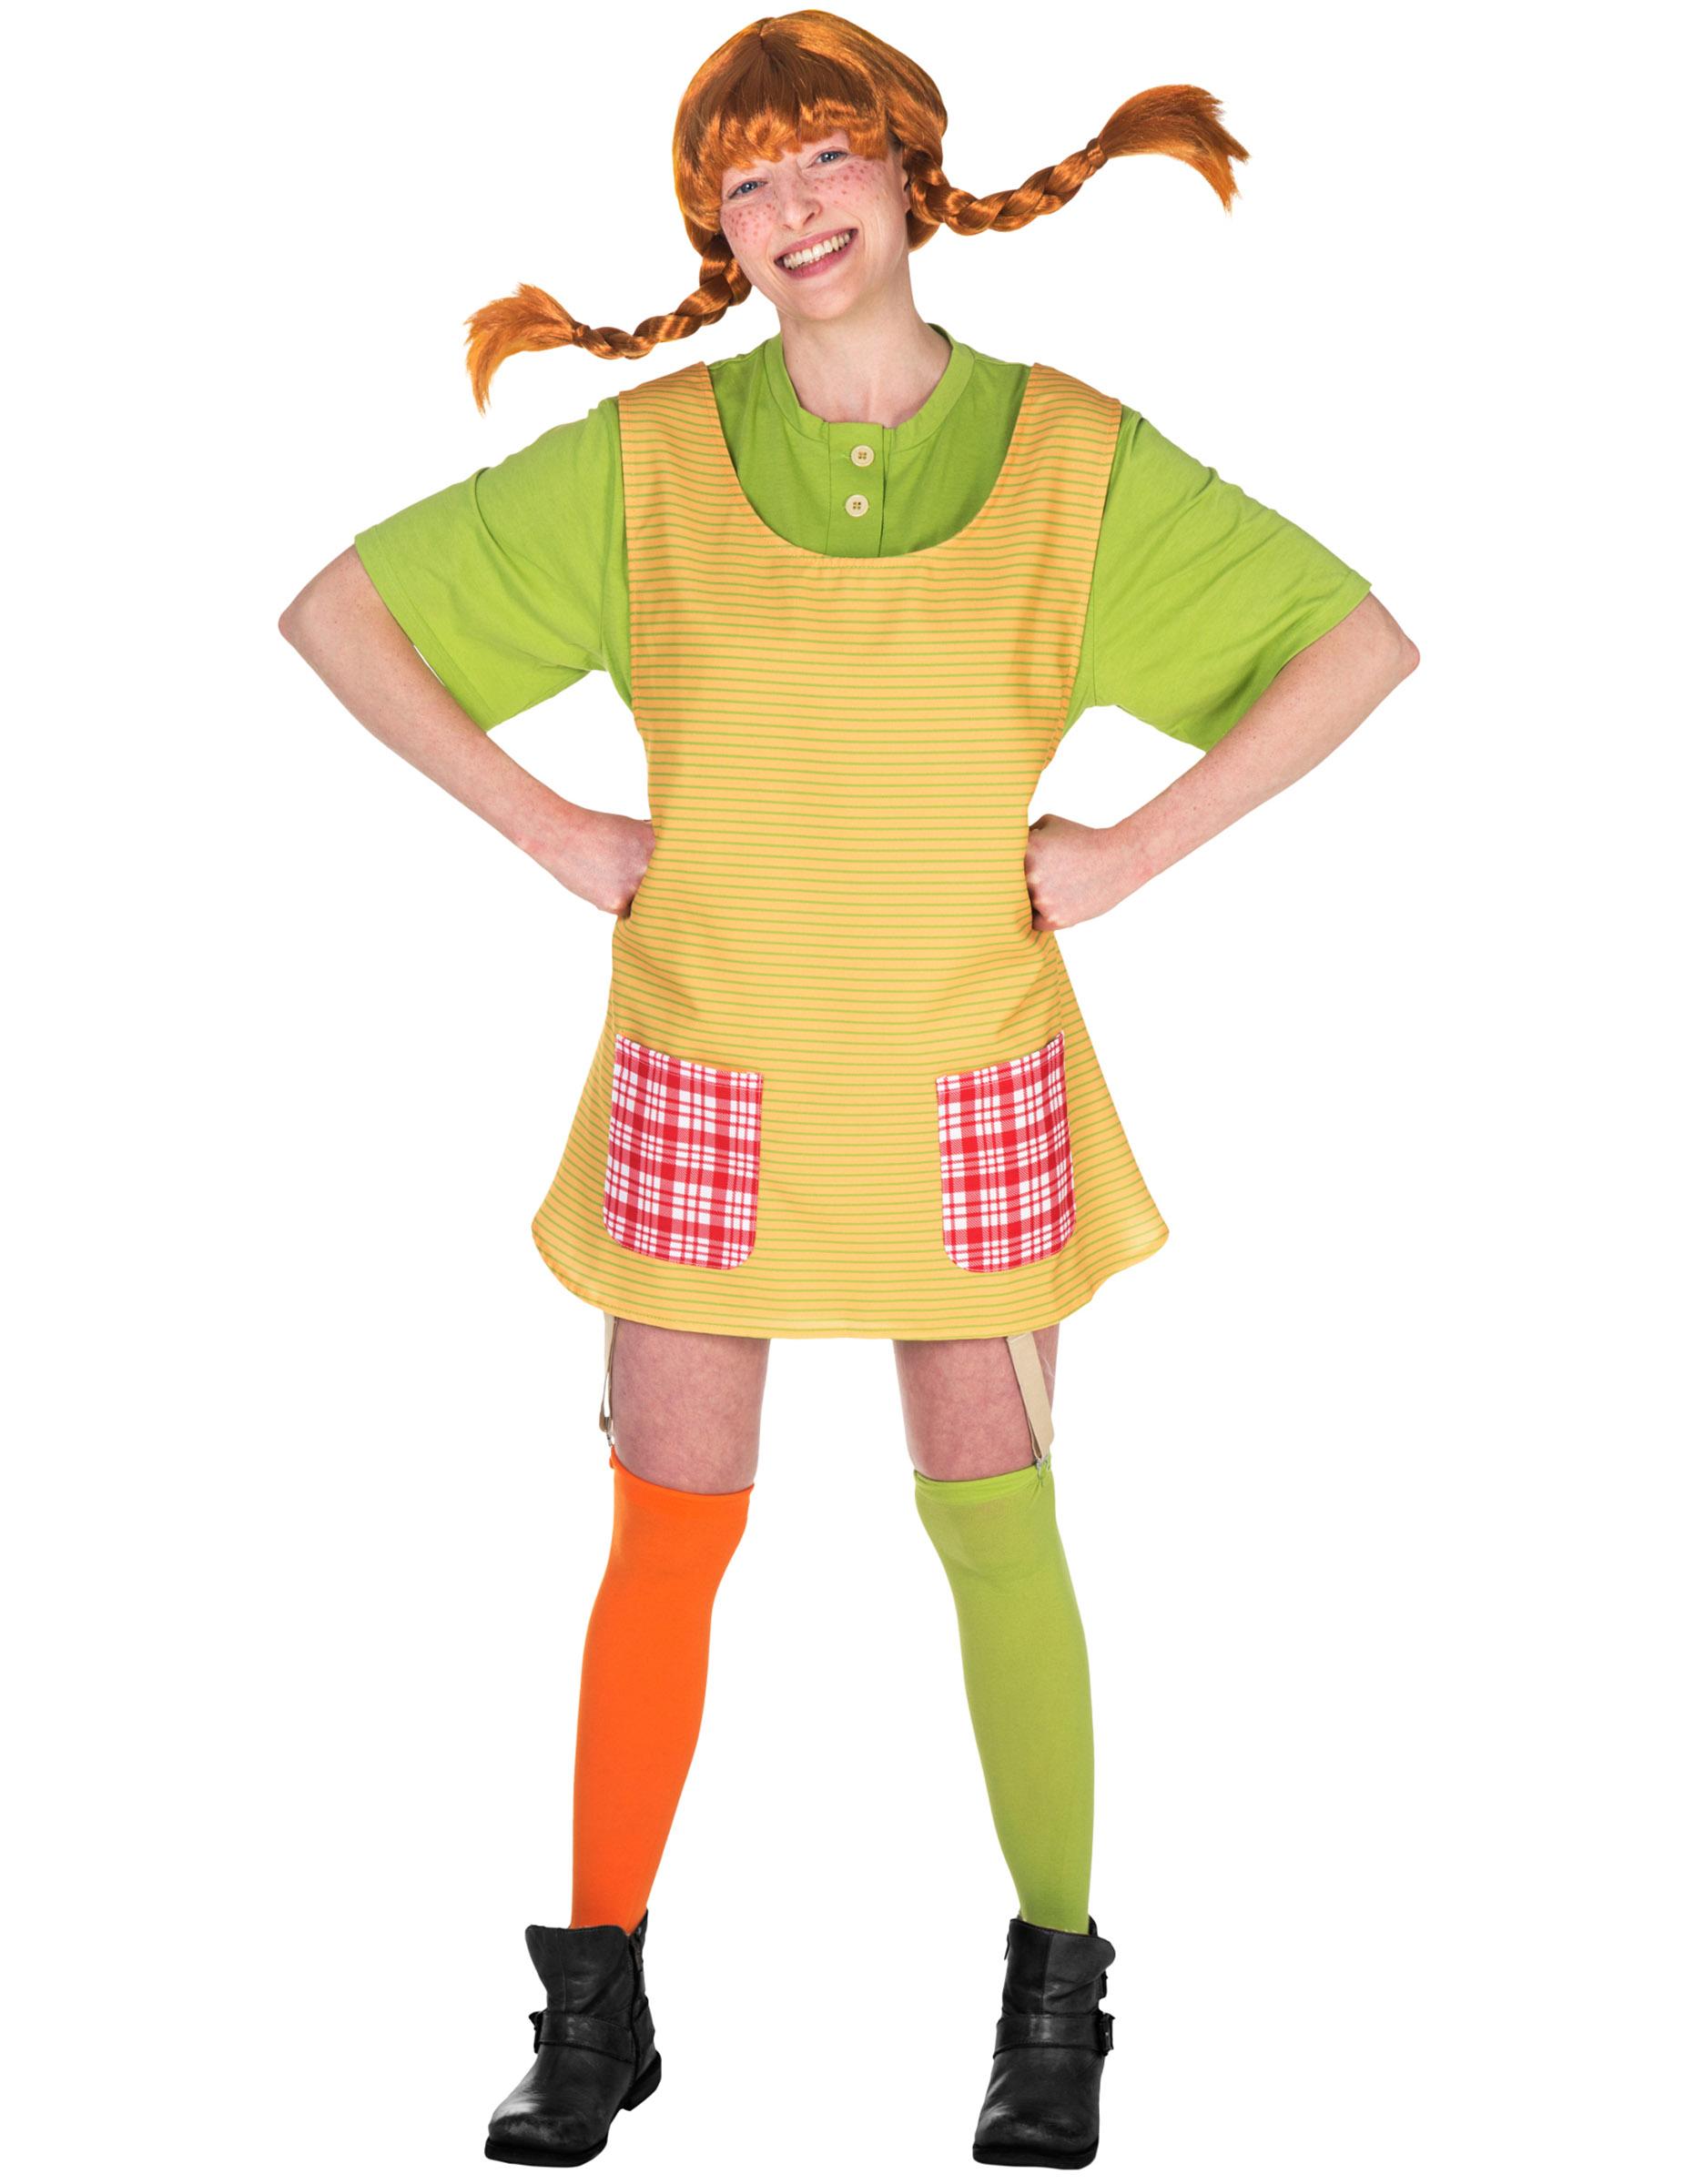 Kostüm Pippi Langstrumpf : original pippi langstrumpf kost m ~ Frokenaadalensverden.com Haus und Dekorationen